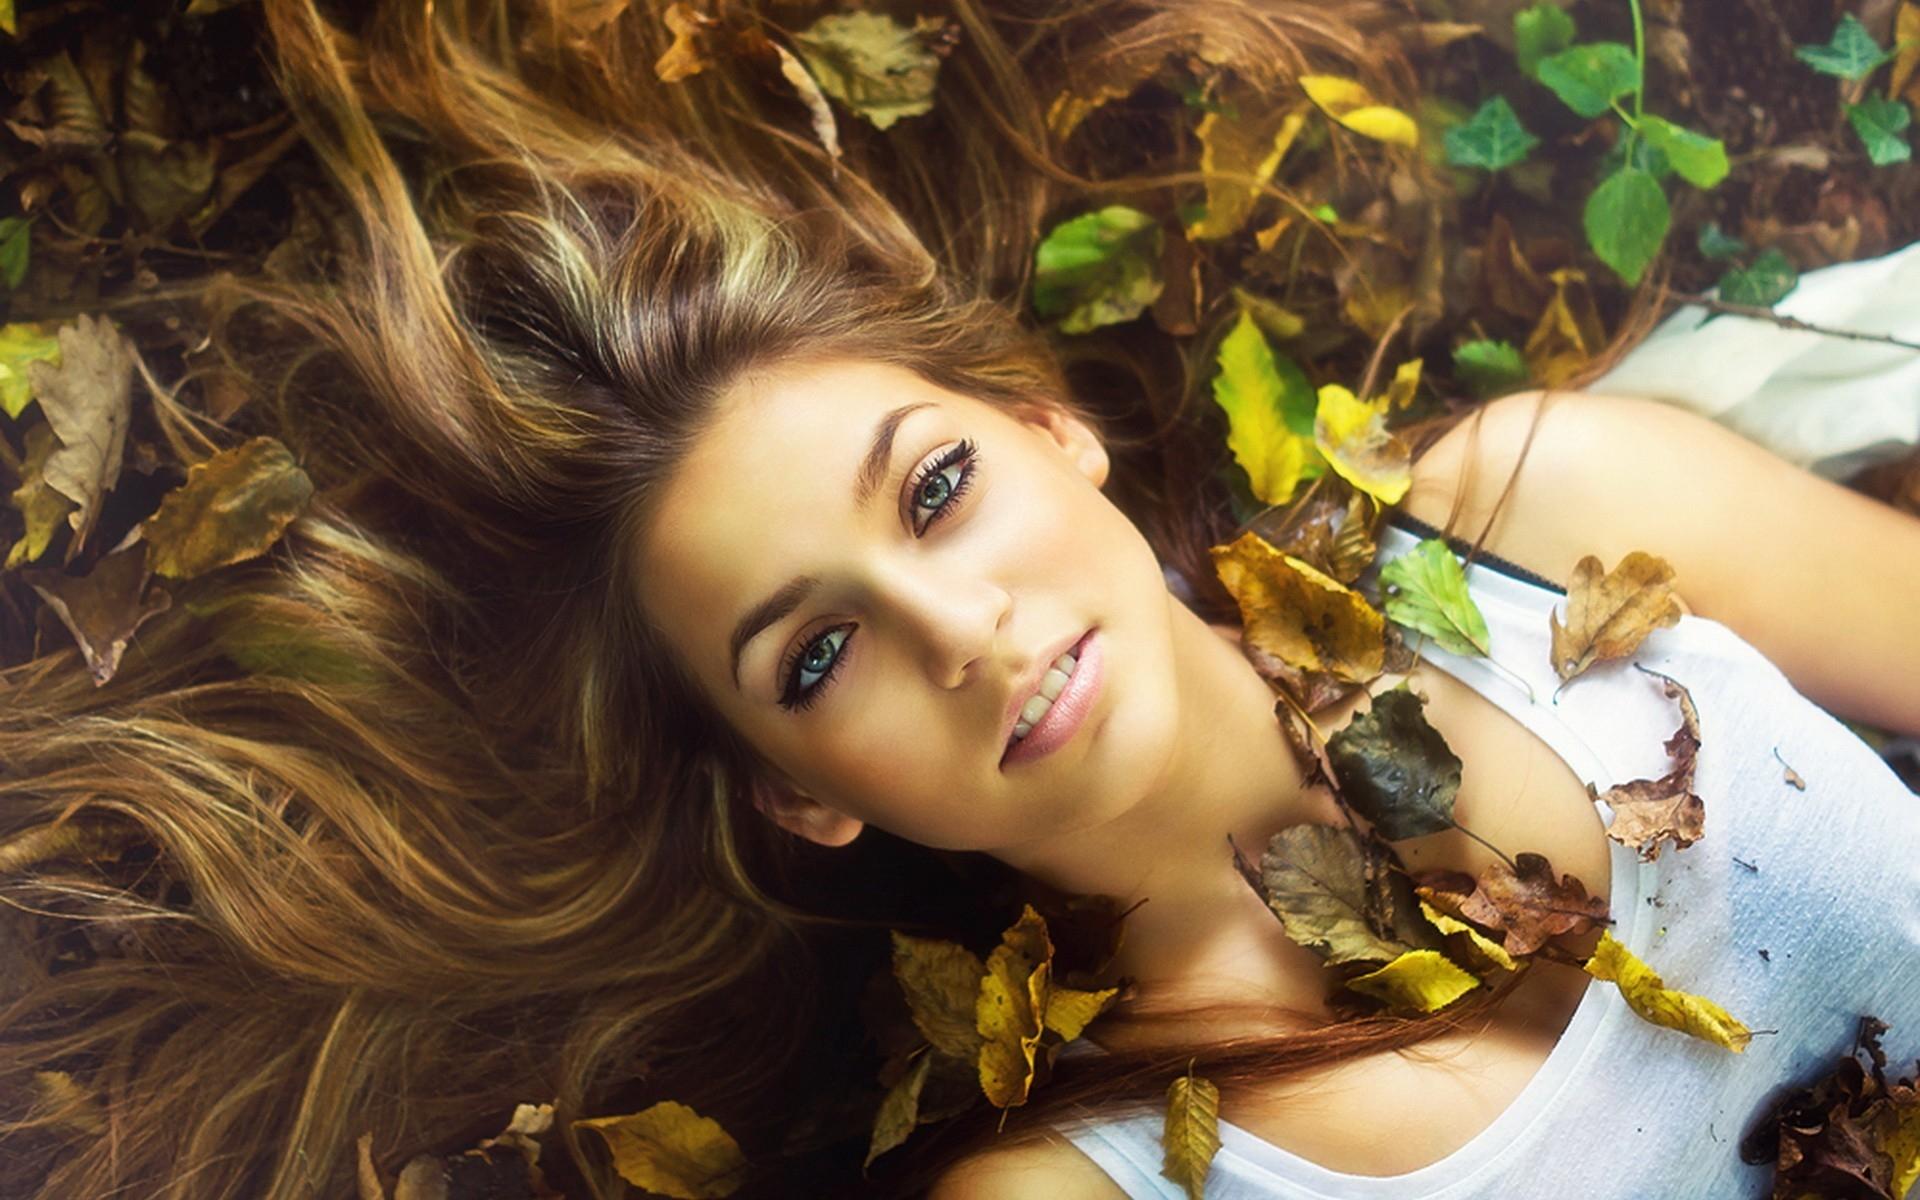 Картинки Блондинка, трава, листья, осень, лицо фото и обои на рабочий стол